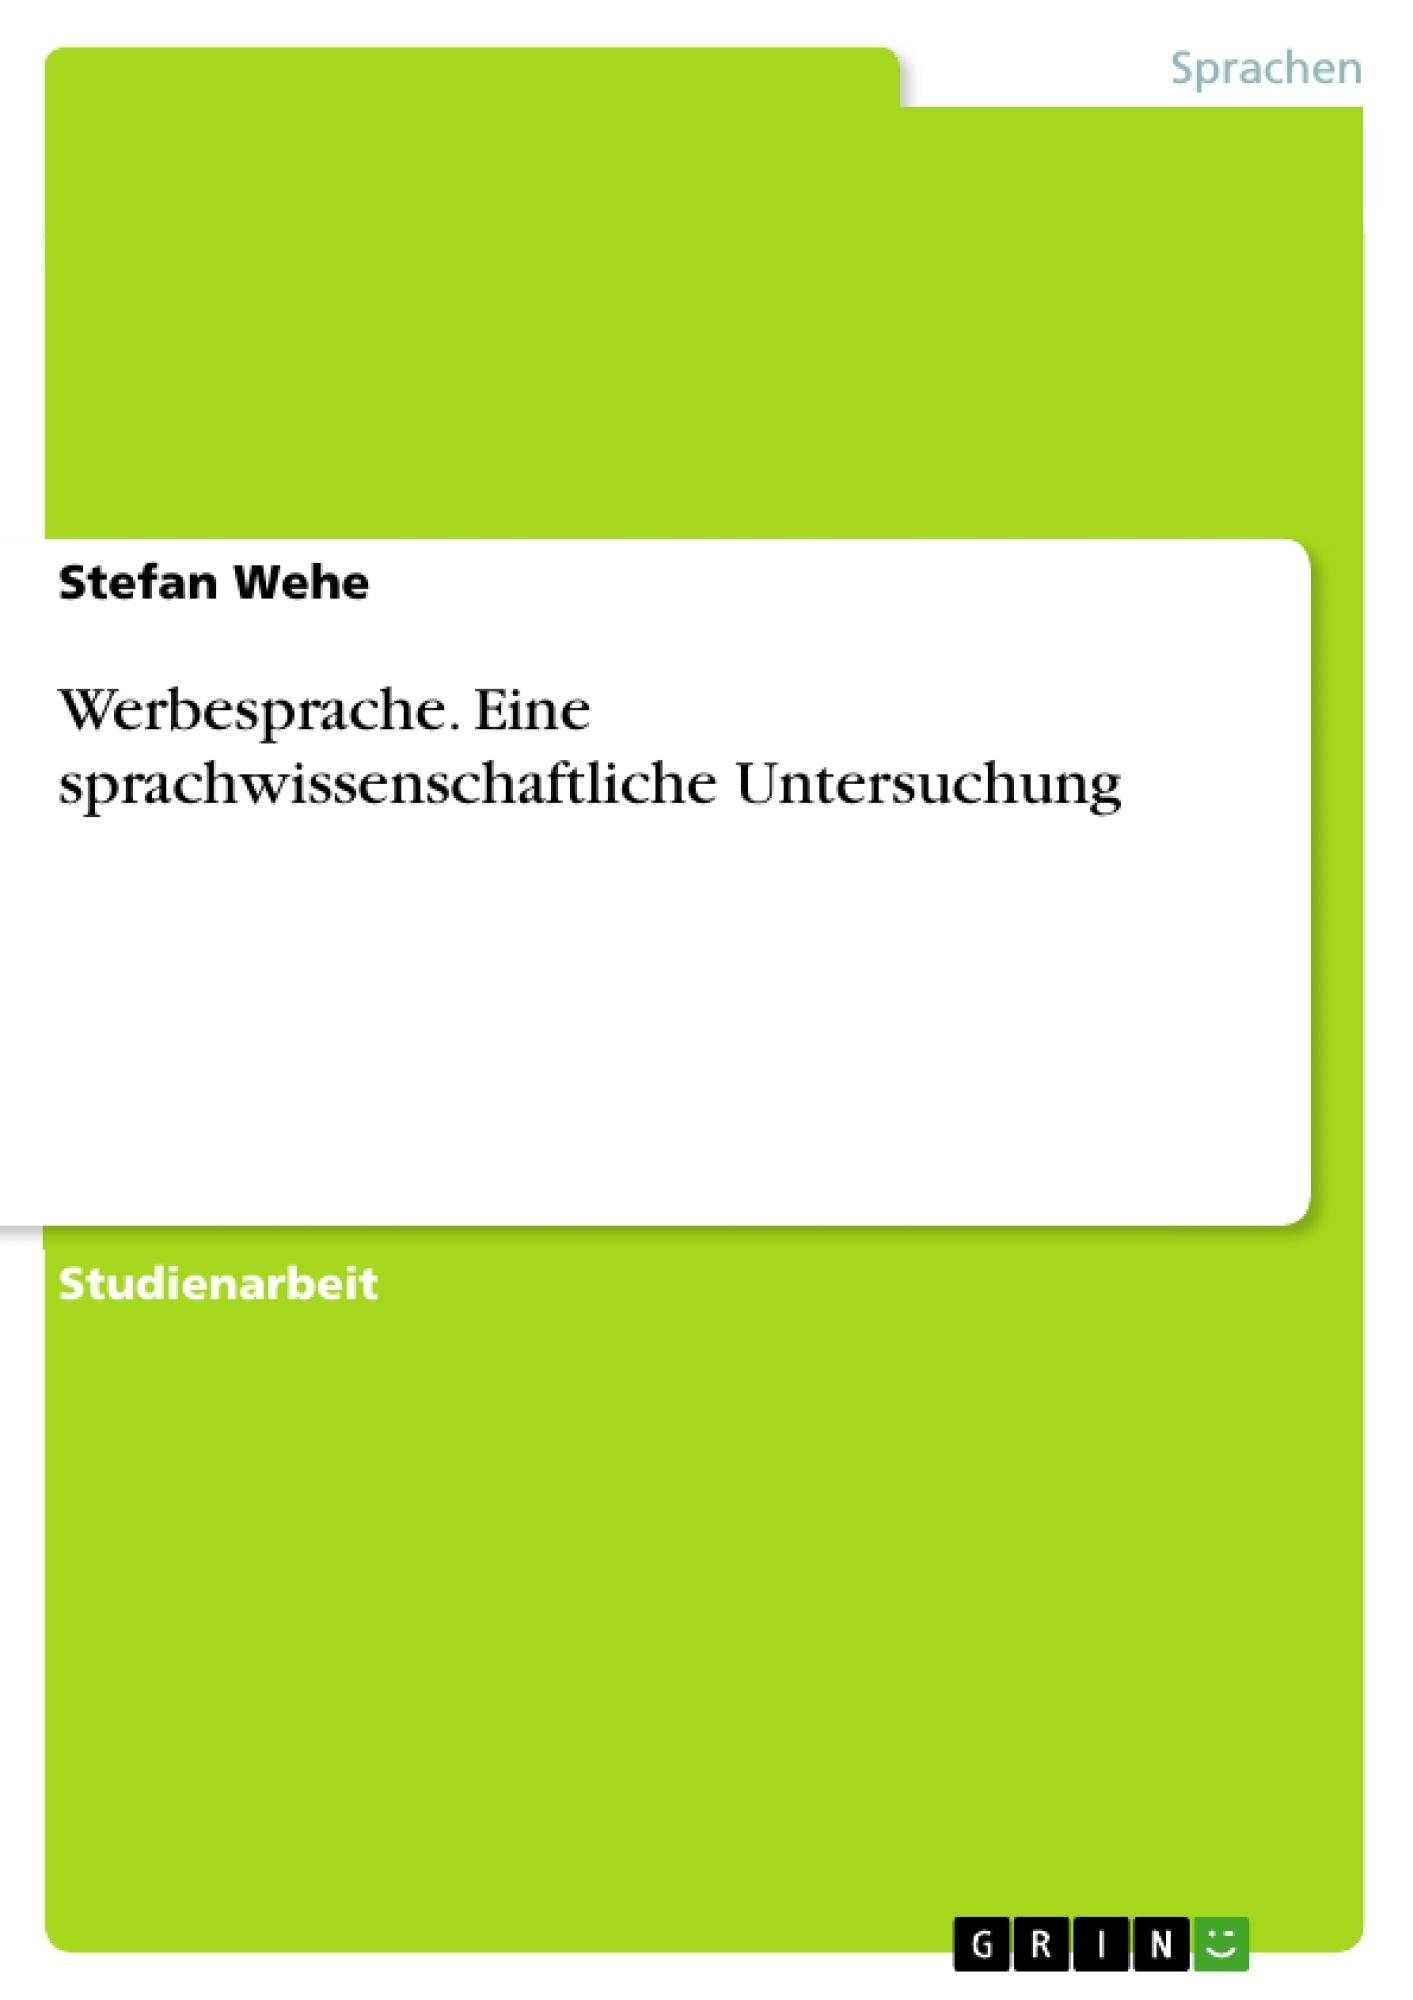 Titel: Werbesprache. Eine sprachwissenschaftliche Untersuchung